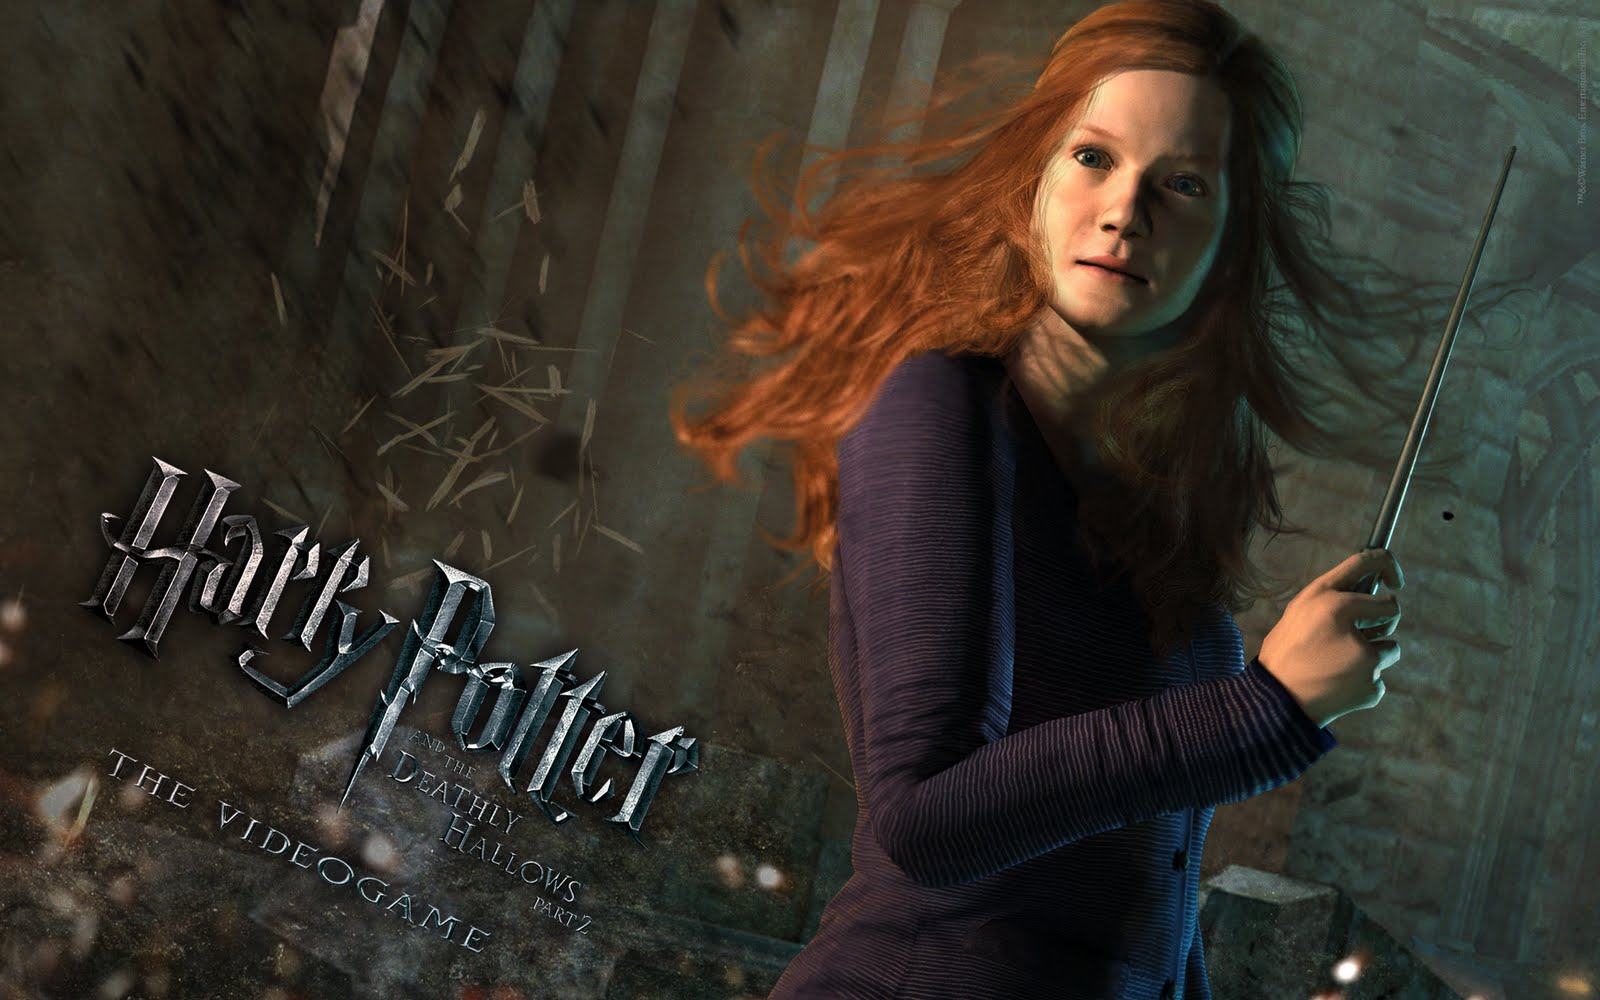 http://3.bp.blogspot.com/-rnb8uwSmikQ/Ti1vMkSZdFI/AAAAAAAAAyg/2_X5q4ogdxk/s1600/harry-potter-and-the-deathly-hallows-part-2-game-wallpaper-hogsmeade-free-hq%252B%2525287%252529.jpg